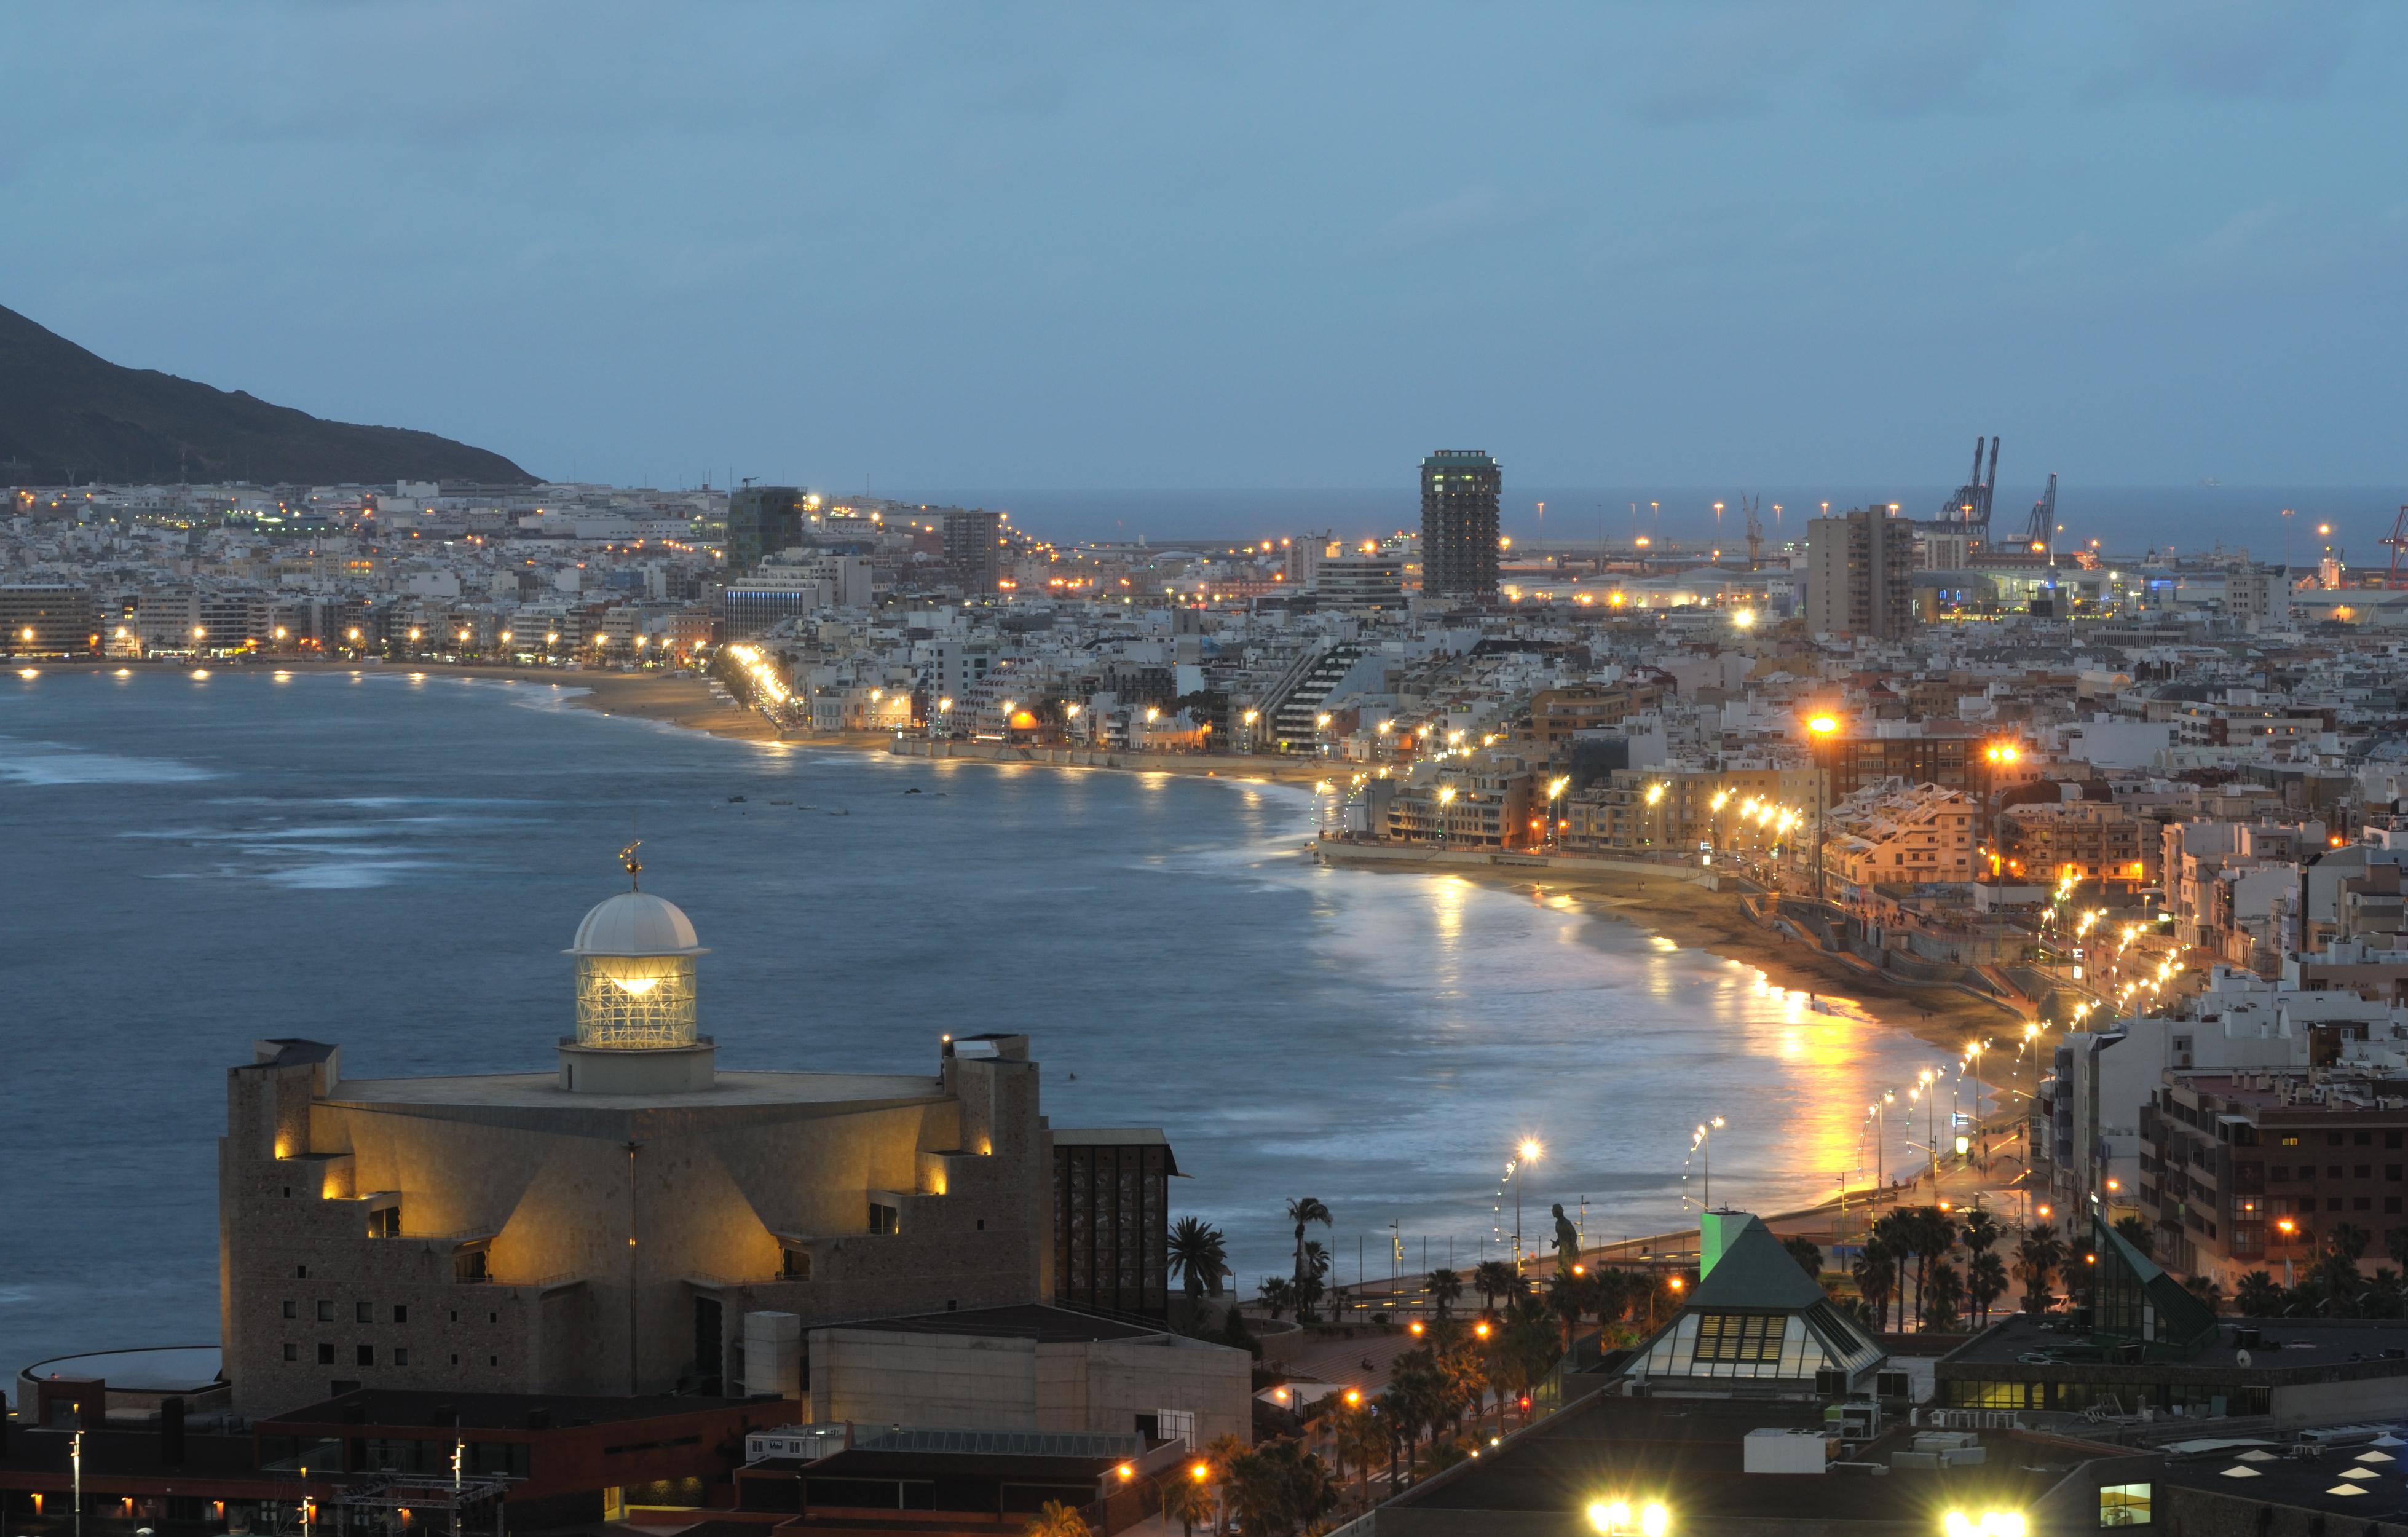 La ciudad de Las Palmas de Gran Canaria, donde más alquileres se cierran en la primera semana del anuncio / Gtres